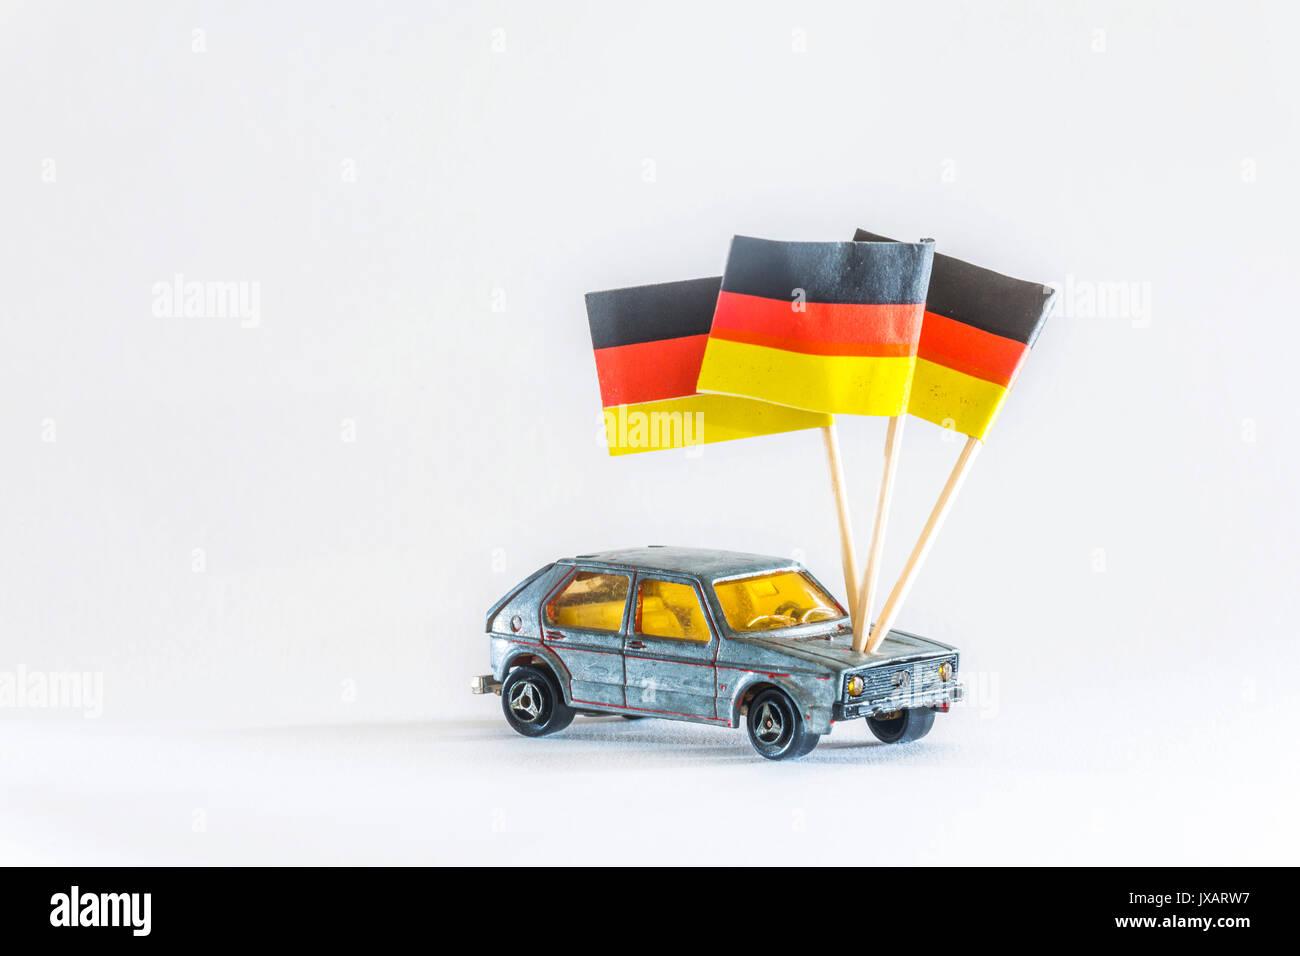 Modellauto. Ein Spielzeugauto der Marke Volkswagen VW Golf, leicht demoliert. Mit Deutschlandflagge, Made in Germany. - Stock Image